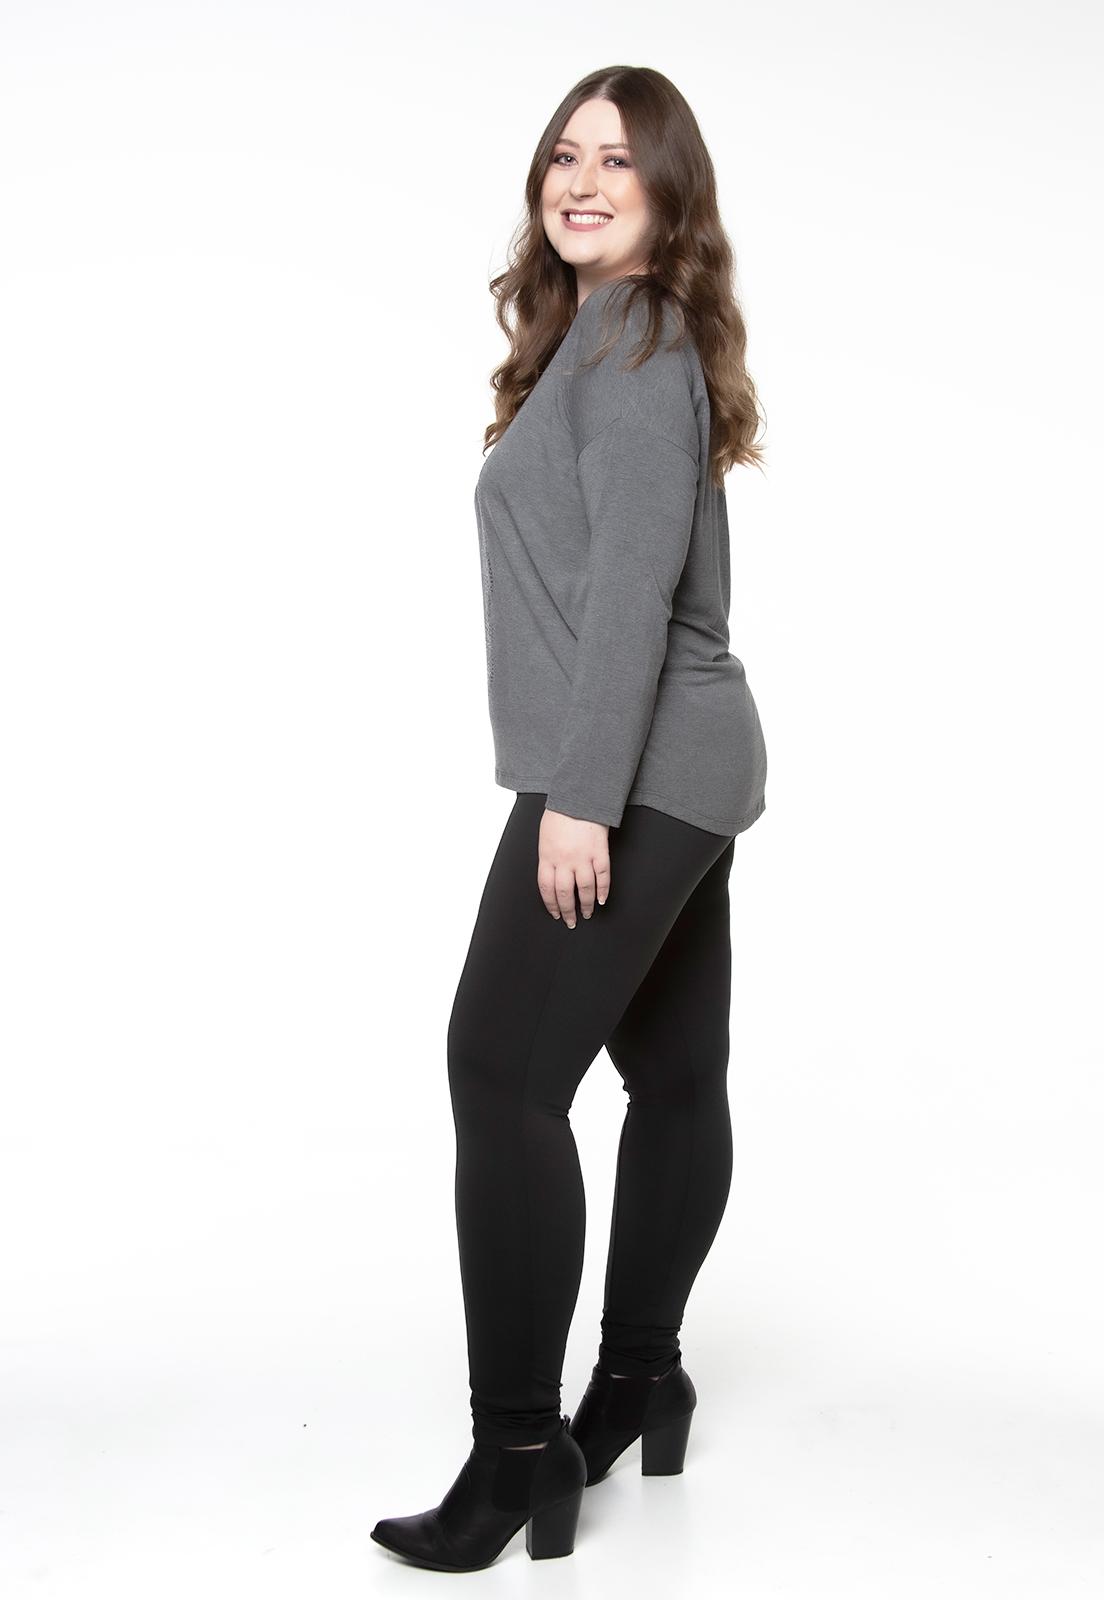 Blusa mullet manga longa caveira cinza